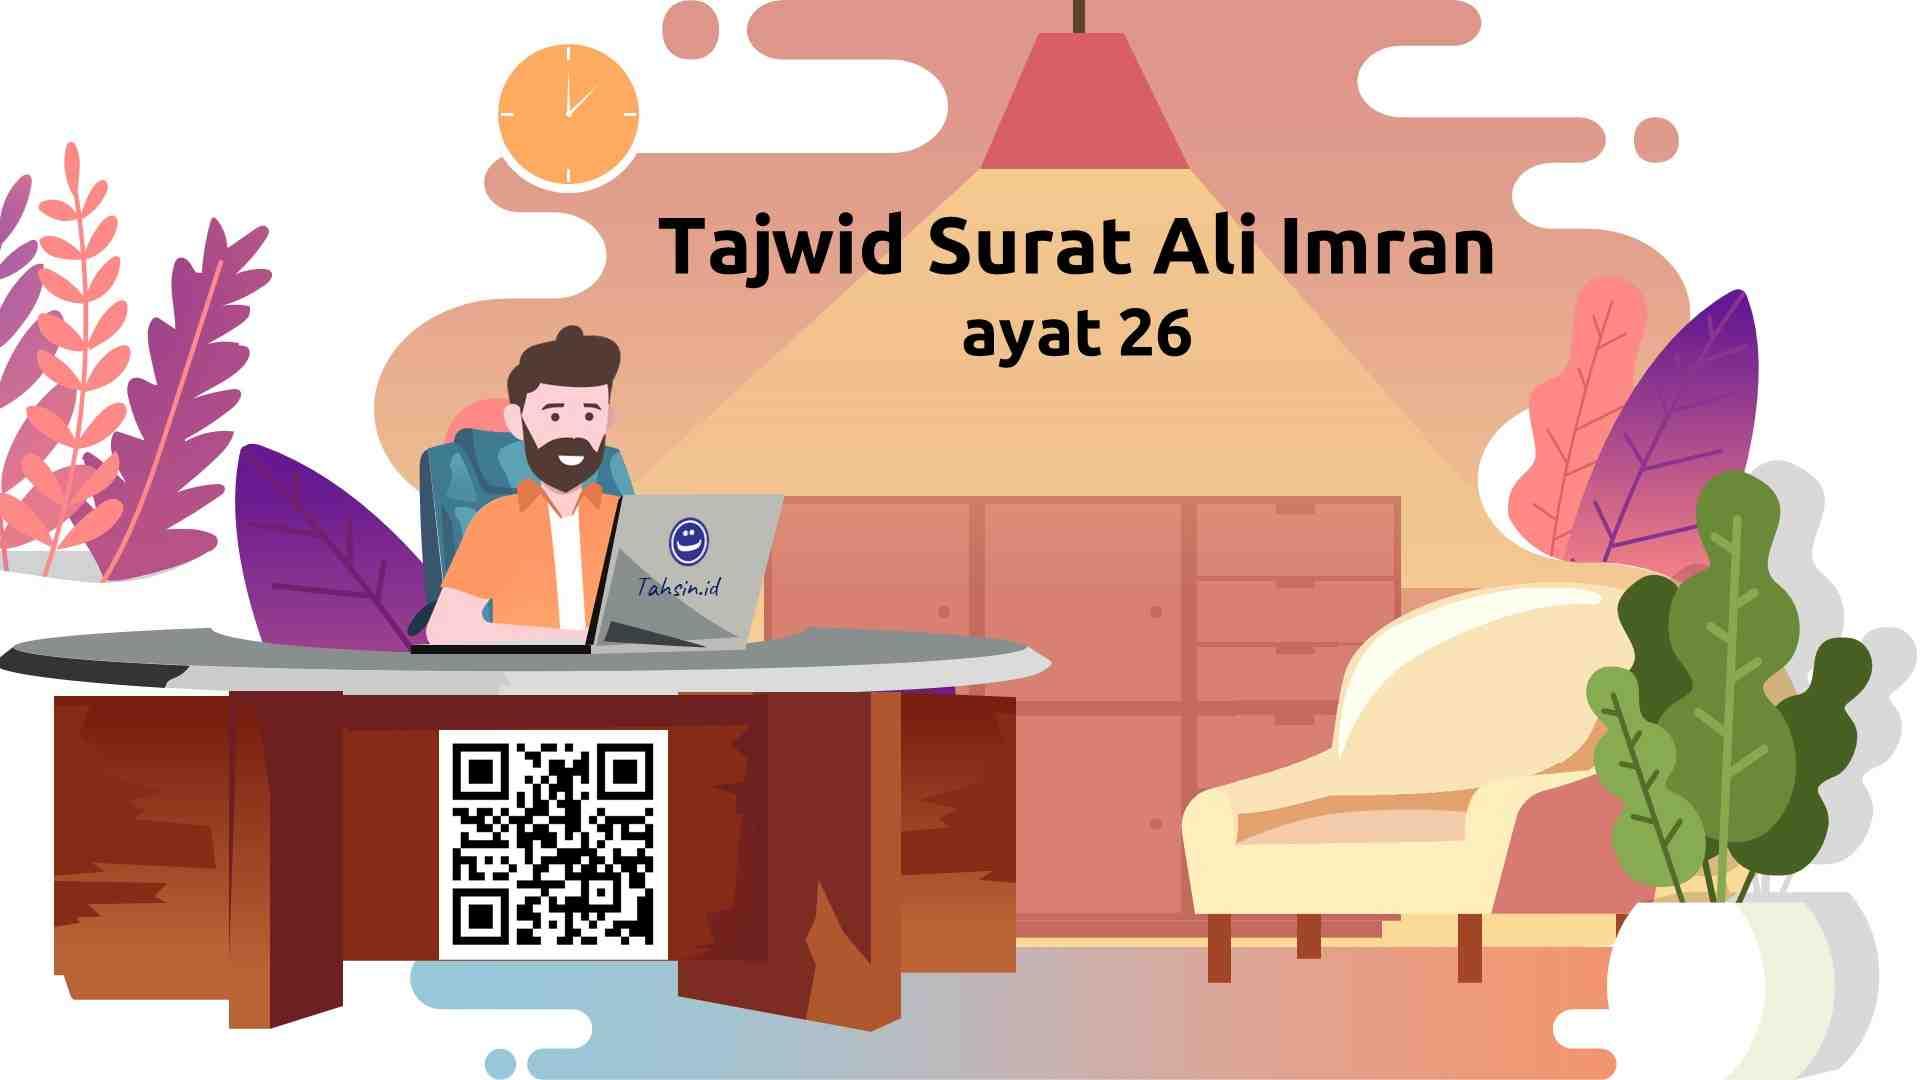 Tajwid surat Ali Imran ayat 26